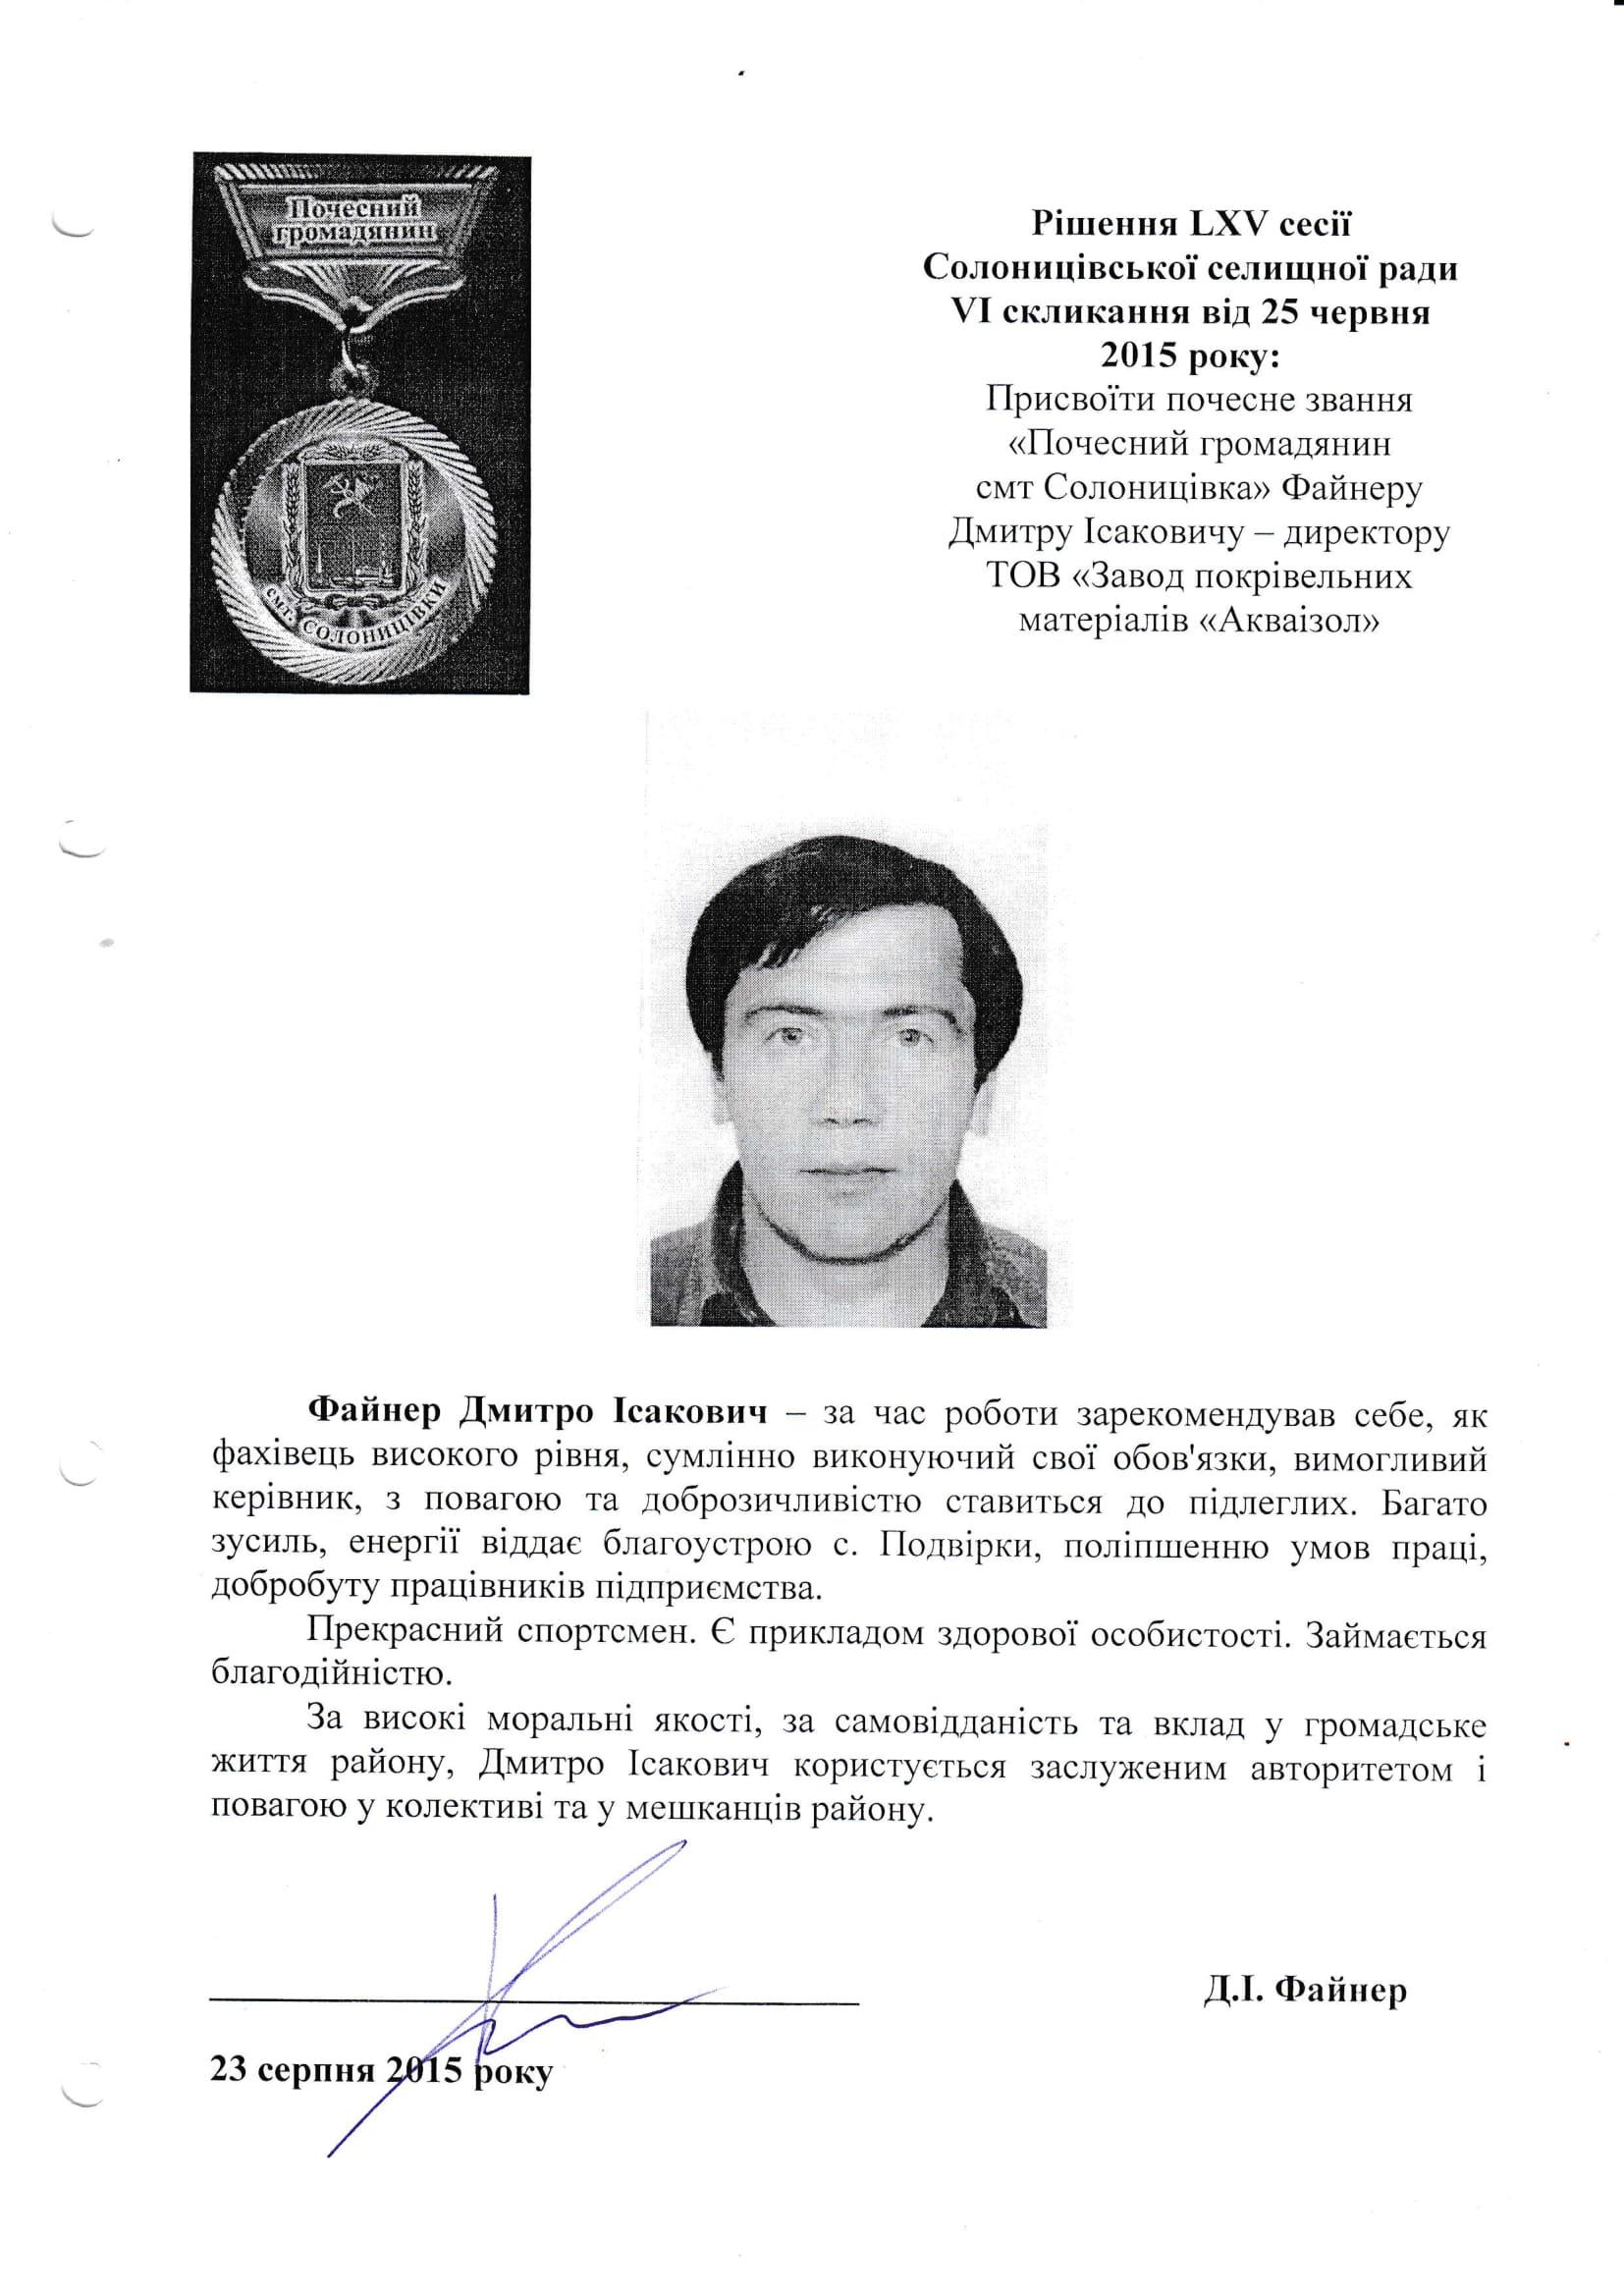 Файнер Дмитро Ісакович